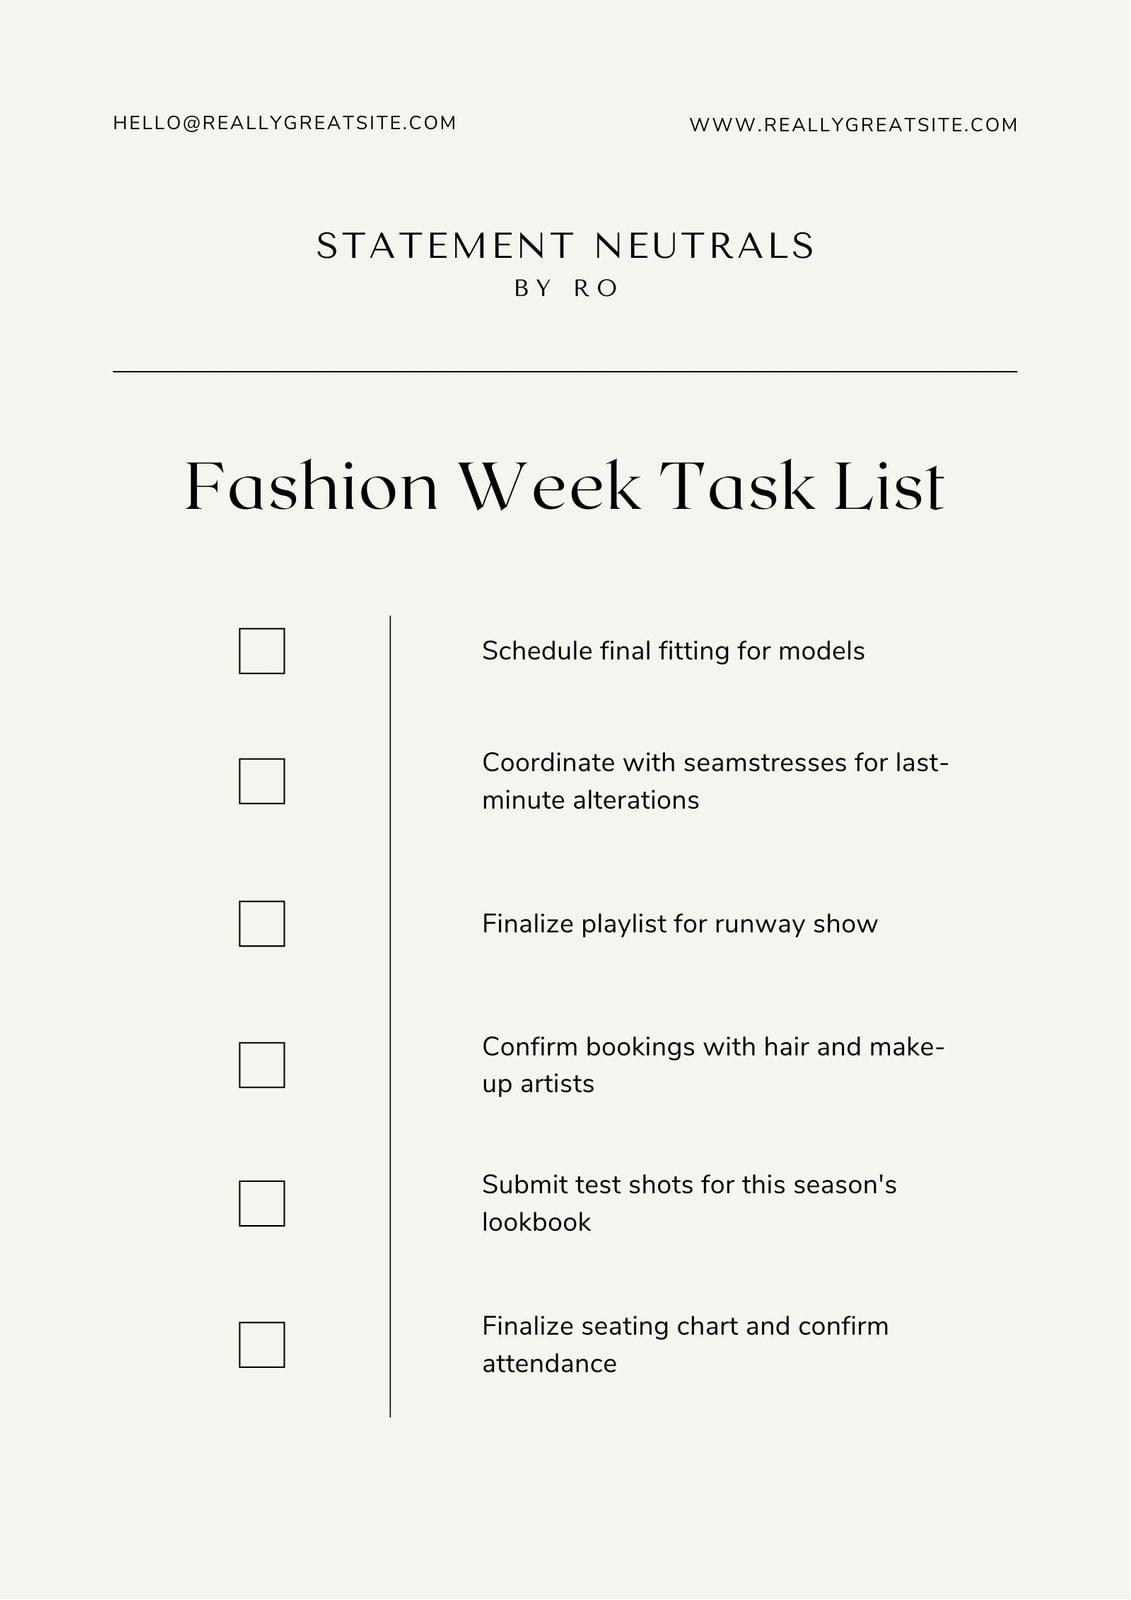 Black and Beige Minimalist Online Fashion Brand Checklist